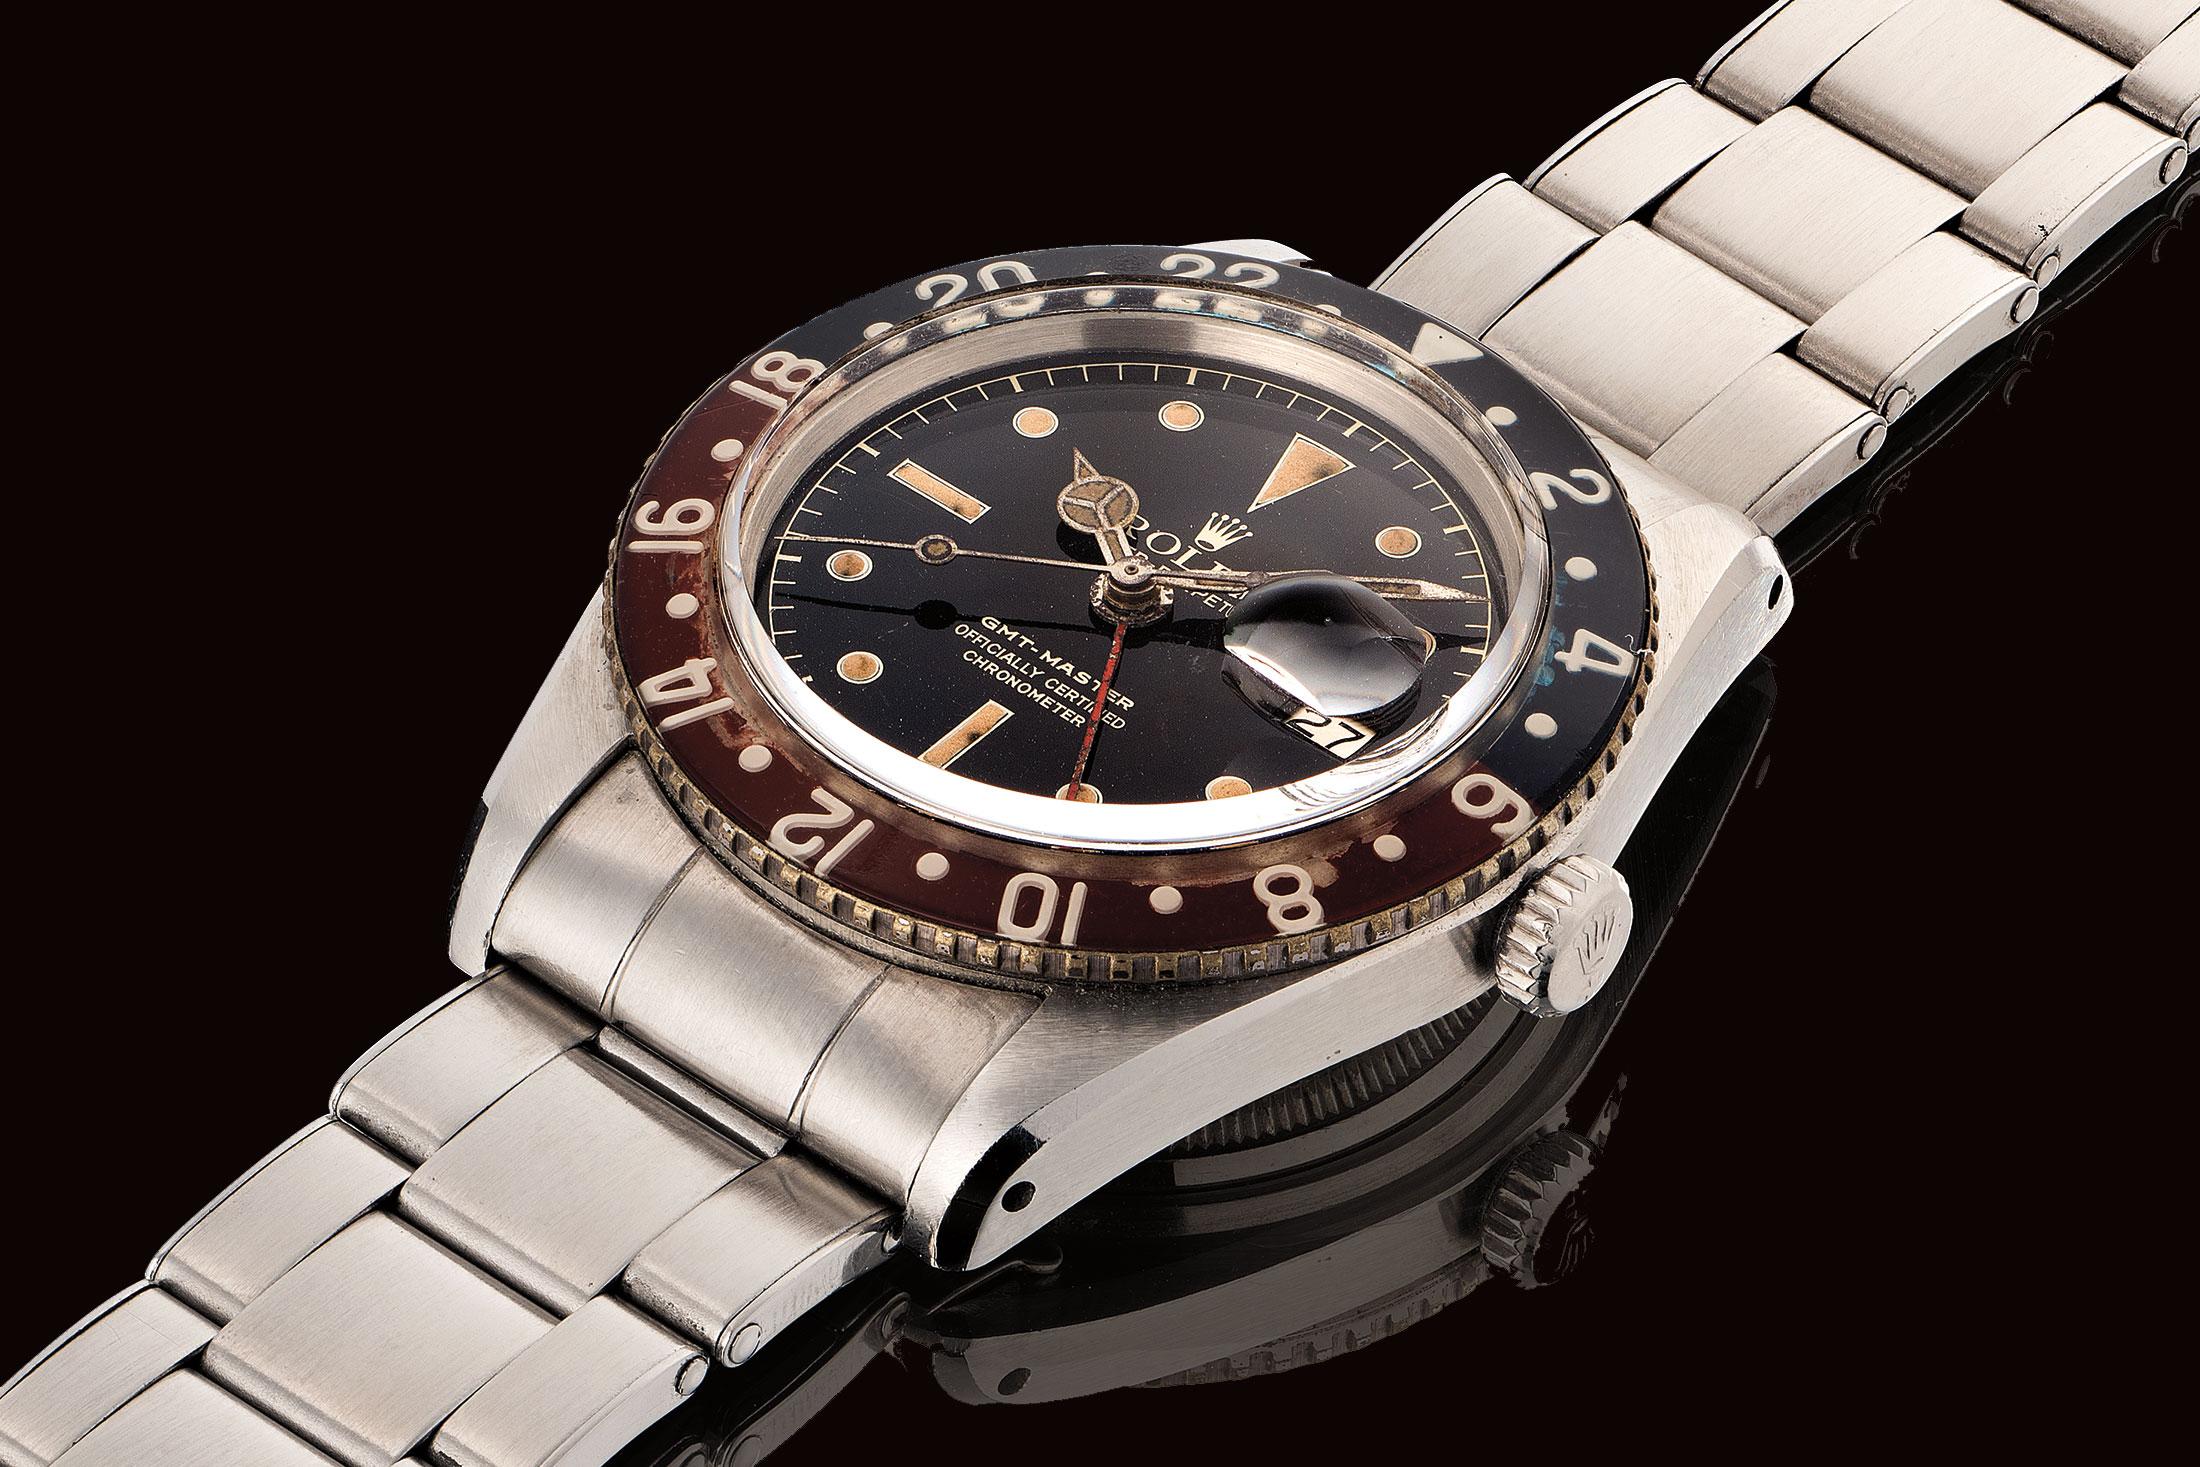 Rolex GMT-Master Ref. 6542 (Lot 219)